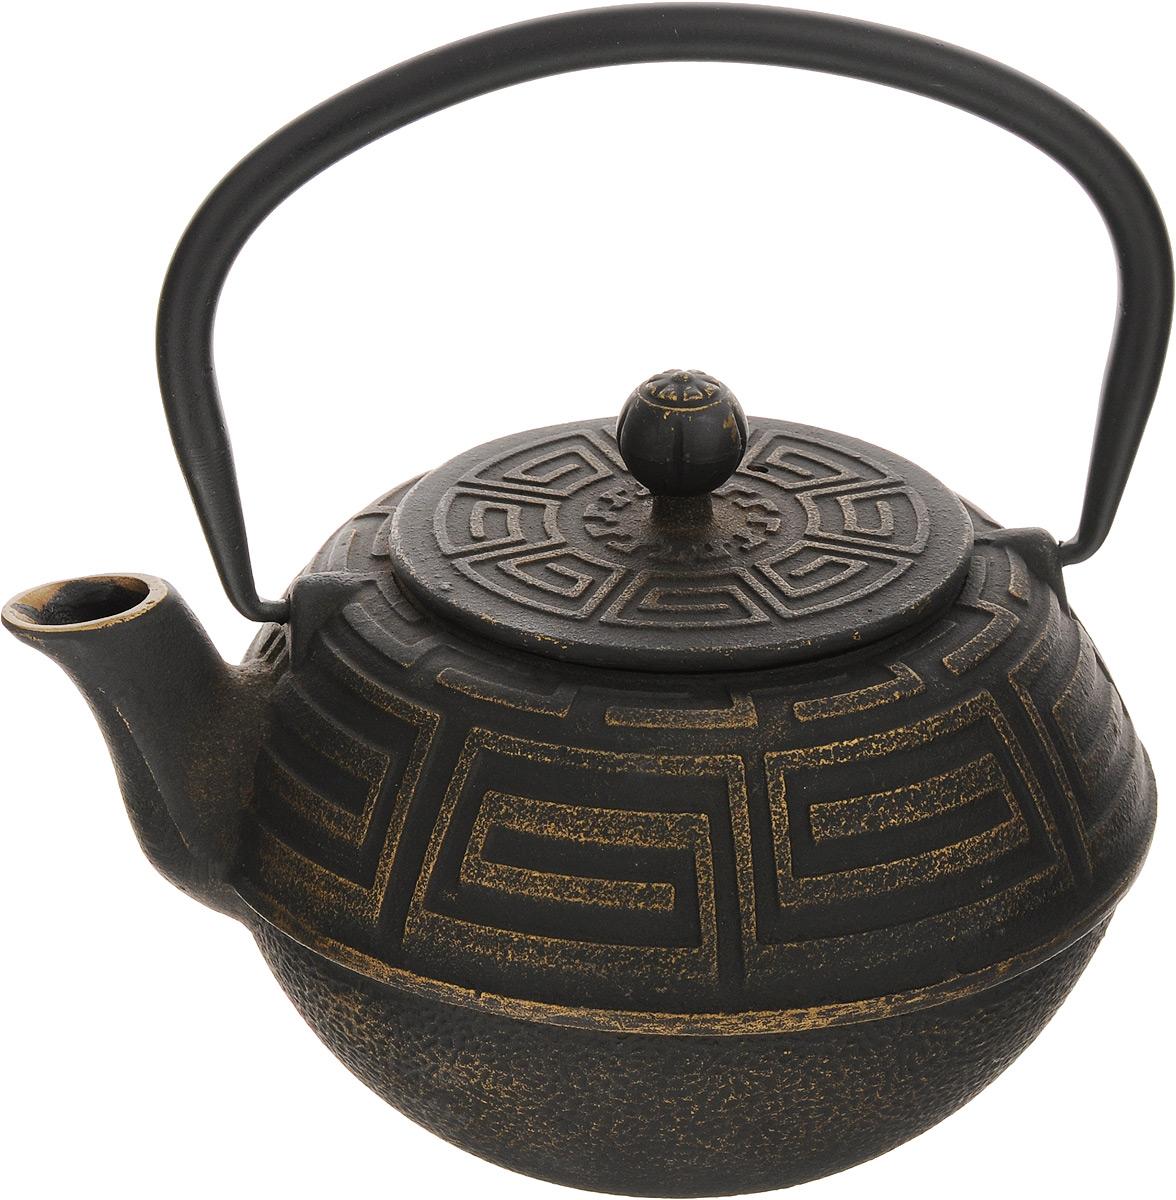 Чайник заварочный Mayer & Boch, чугунный, с фильтром, 1,5 лCM000001328Заварочный чайник Mayer & Boch изготовлен из чугуна высокого качества. Внешние стенки изделия оформлены изысканным рельефом.Чугунный чайник дольше других удерживает тепло. Вода в нем будет оставаться горячей и пригодной для заваривания чая в течение часа.Кремнийорганический термостойкий лак предотвращает появление ржавчины. Чайник оснащен чугунной подвижной ручкой и съемным фильтром из нержавеющей стали, который задерживает заварку и предотвращает ее попадание в чашку. Заварочный чайник Mayer & Boch украсит любую чайную церемонию, а также станет прекрасным подарком на любое торжество. Диаметр чайника (по верхнему краю): 9 см. Высота чайника (без учета крышки и ручки): 9,5 см. Высота чайника (с учетом ручки): 18 см. Диаметр фильтра (по верхнему краю): 8,7 см.Высота фильтра: 6 см.